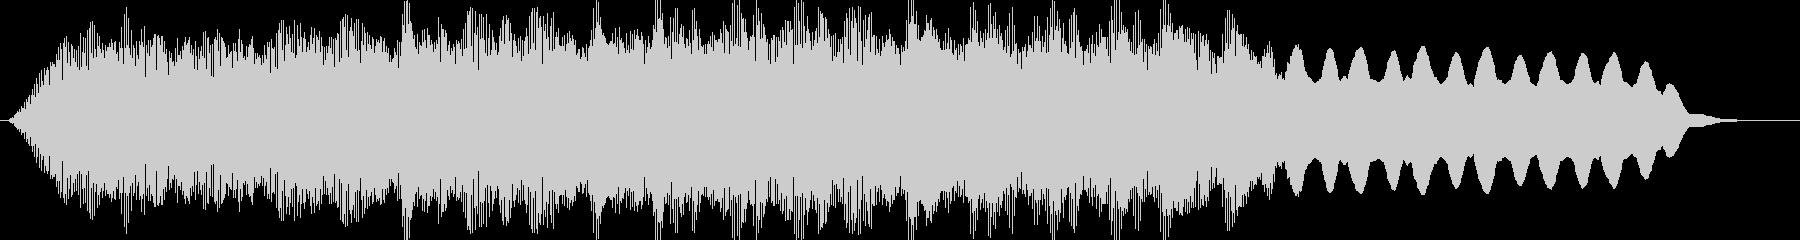 PADS 雄大な日01の未再生の波形